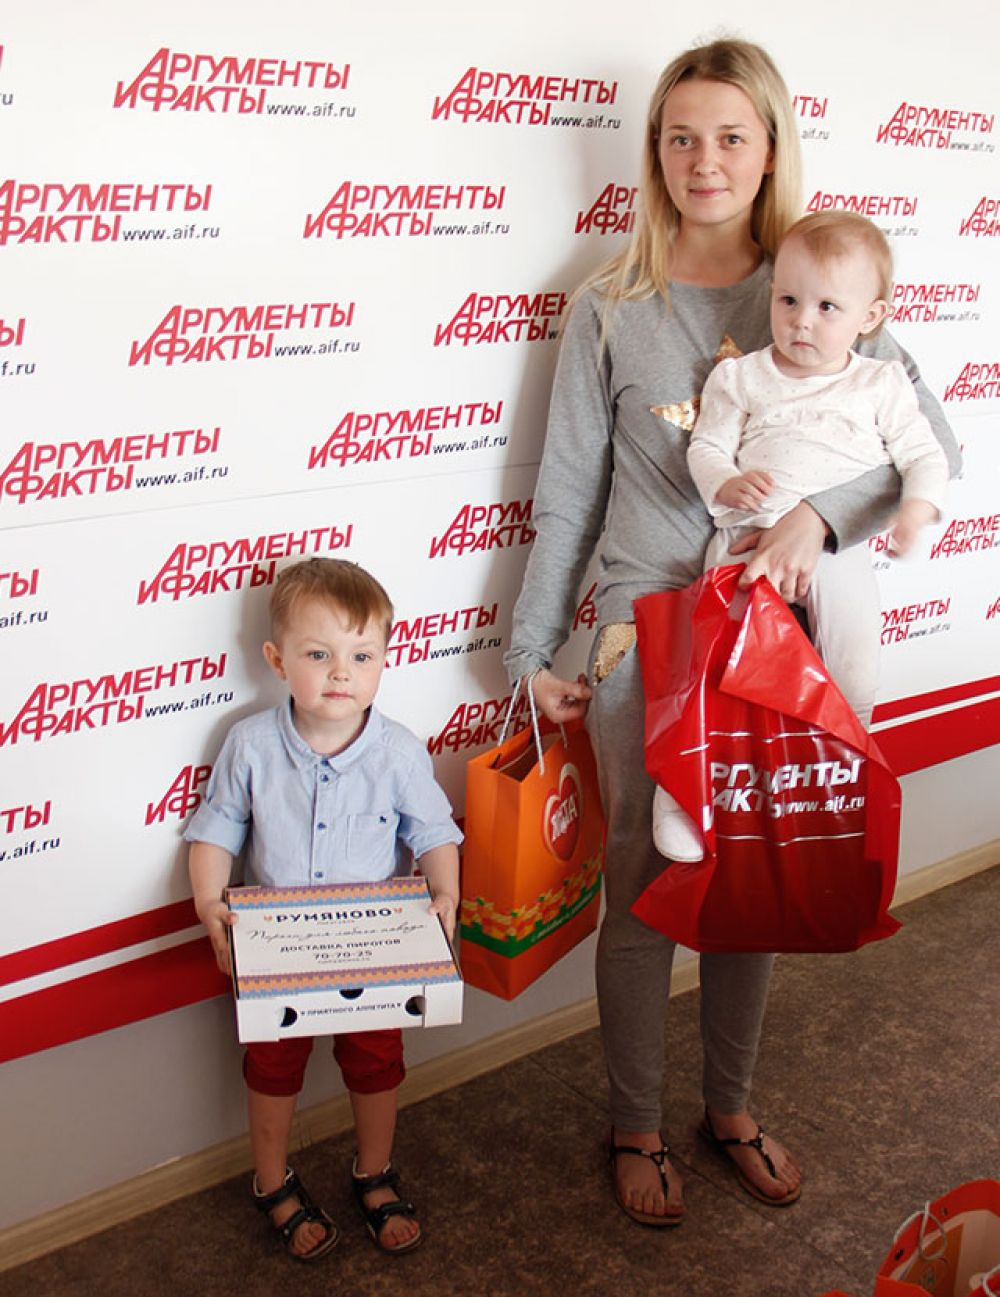 Егор Харченко, занявший второе место, пришле на награждение с Мамой и сестренкой.